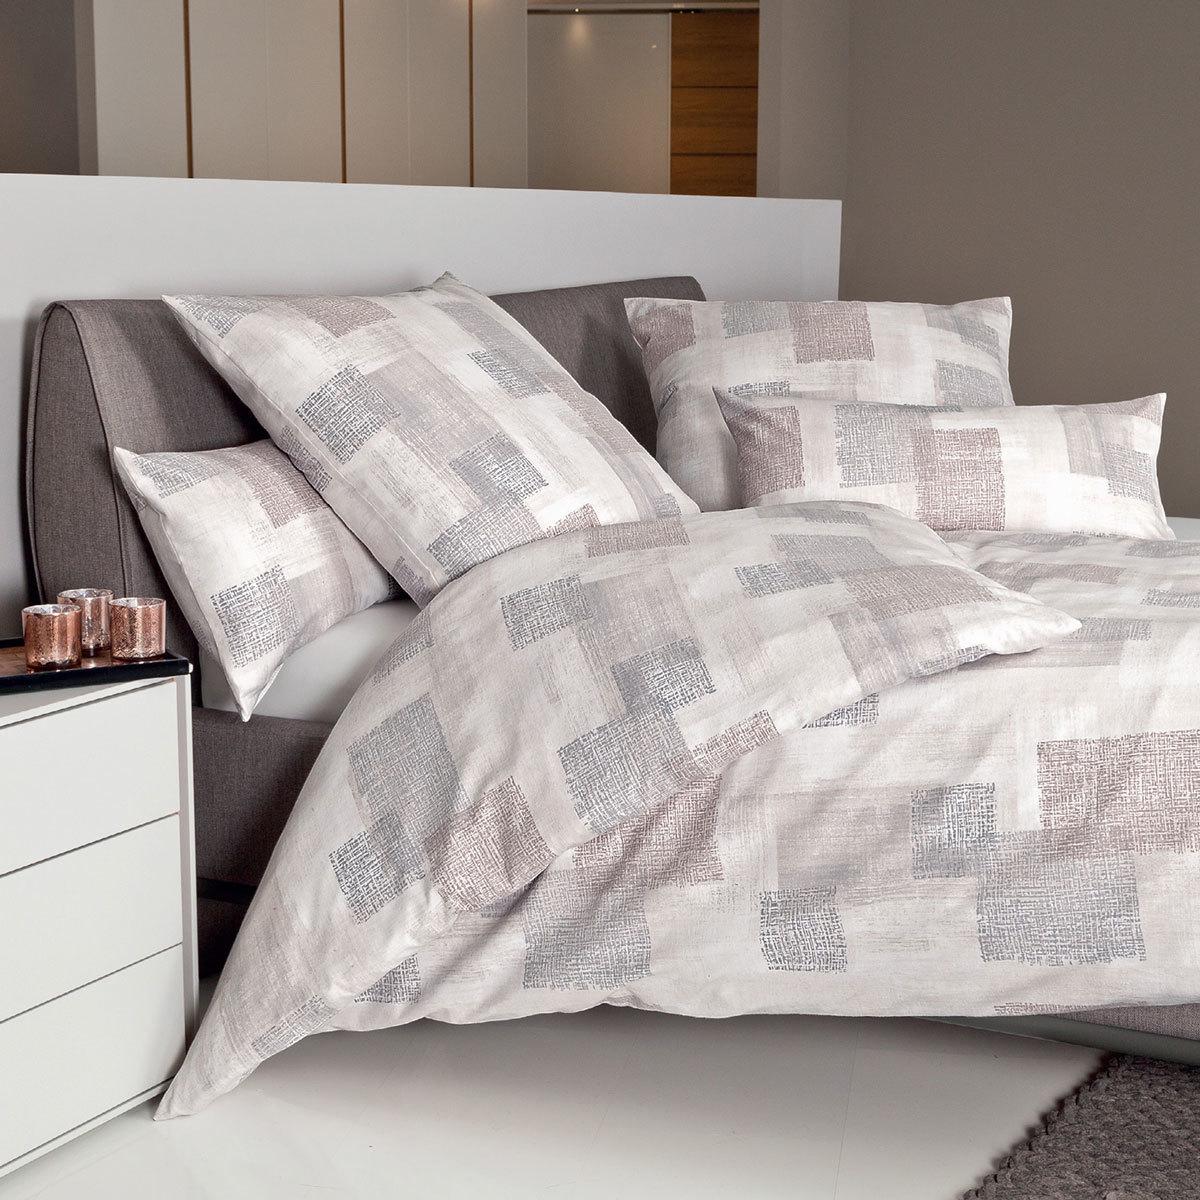 chinchilla bettw sche preisvergleich die besten angebote online kaufen. Black Bedroom Furniture Sets. Home Design Ideas